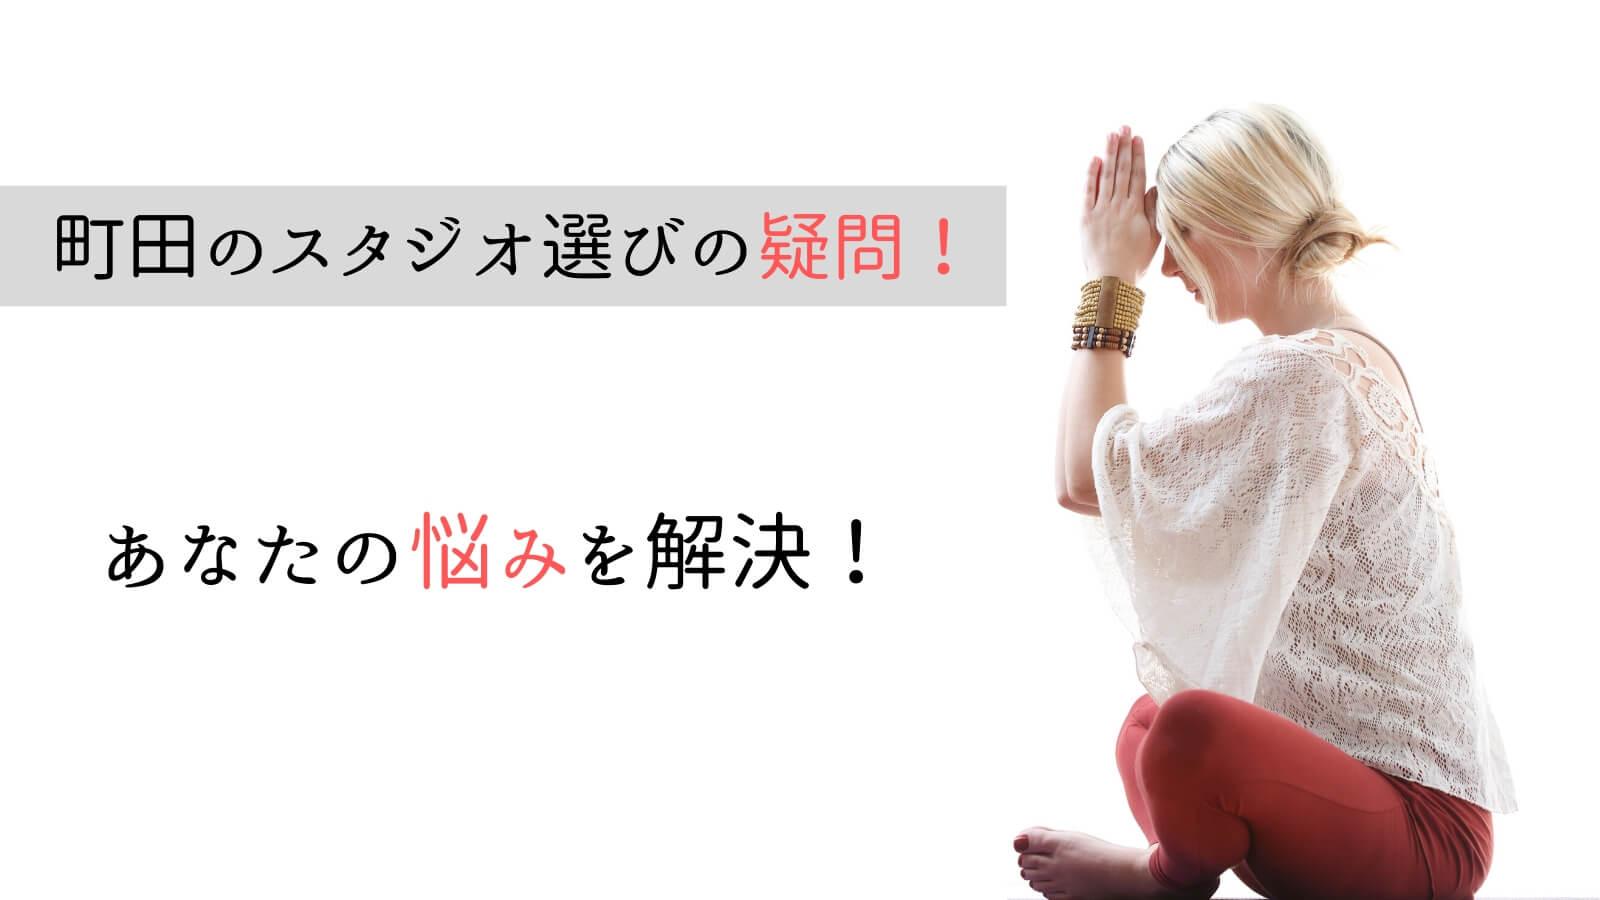 町田でのヨガ・ピラティススタジオ選びに関するQ&A